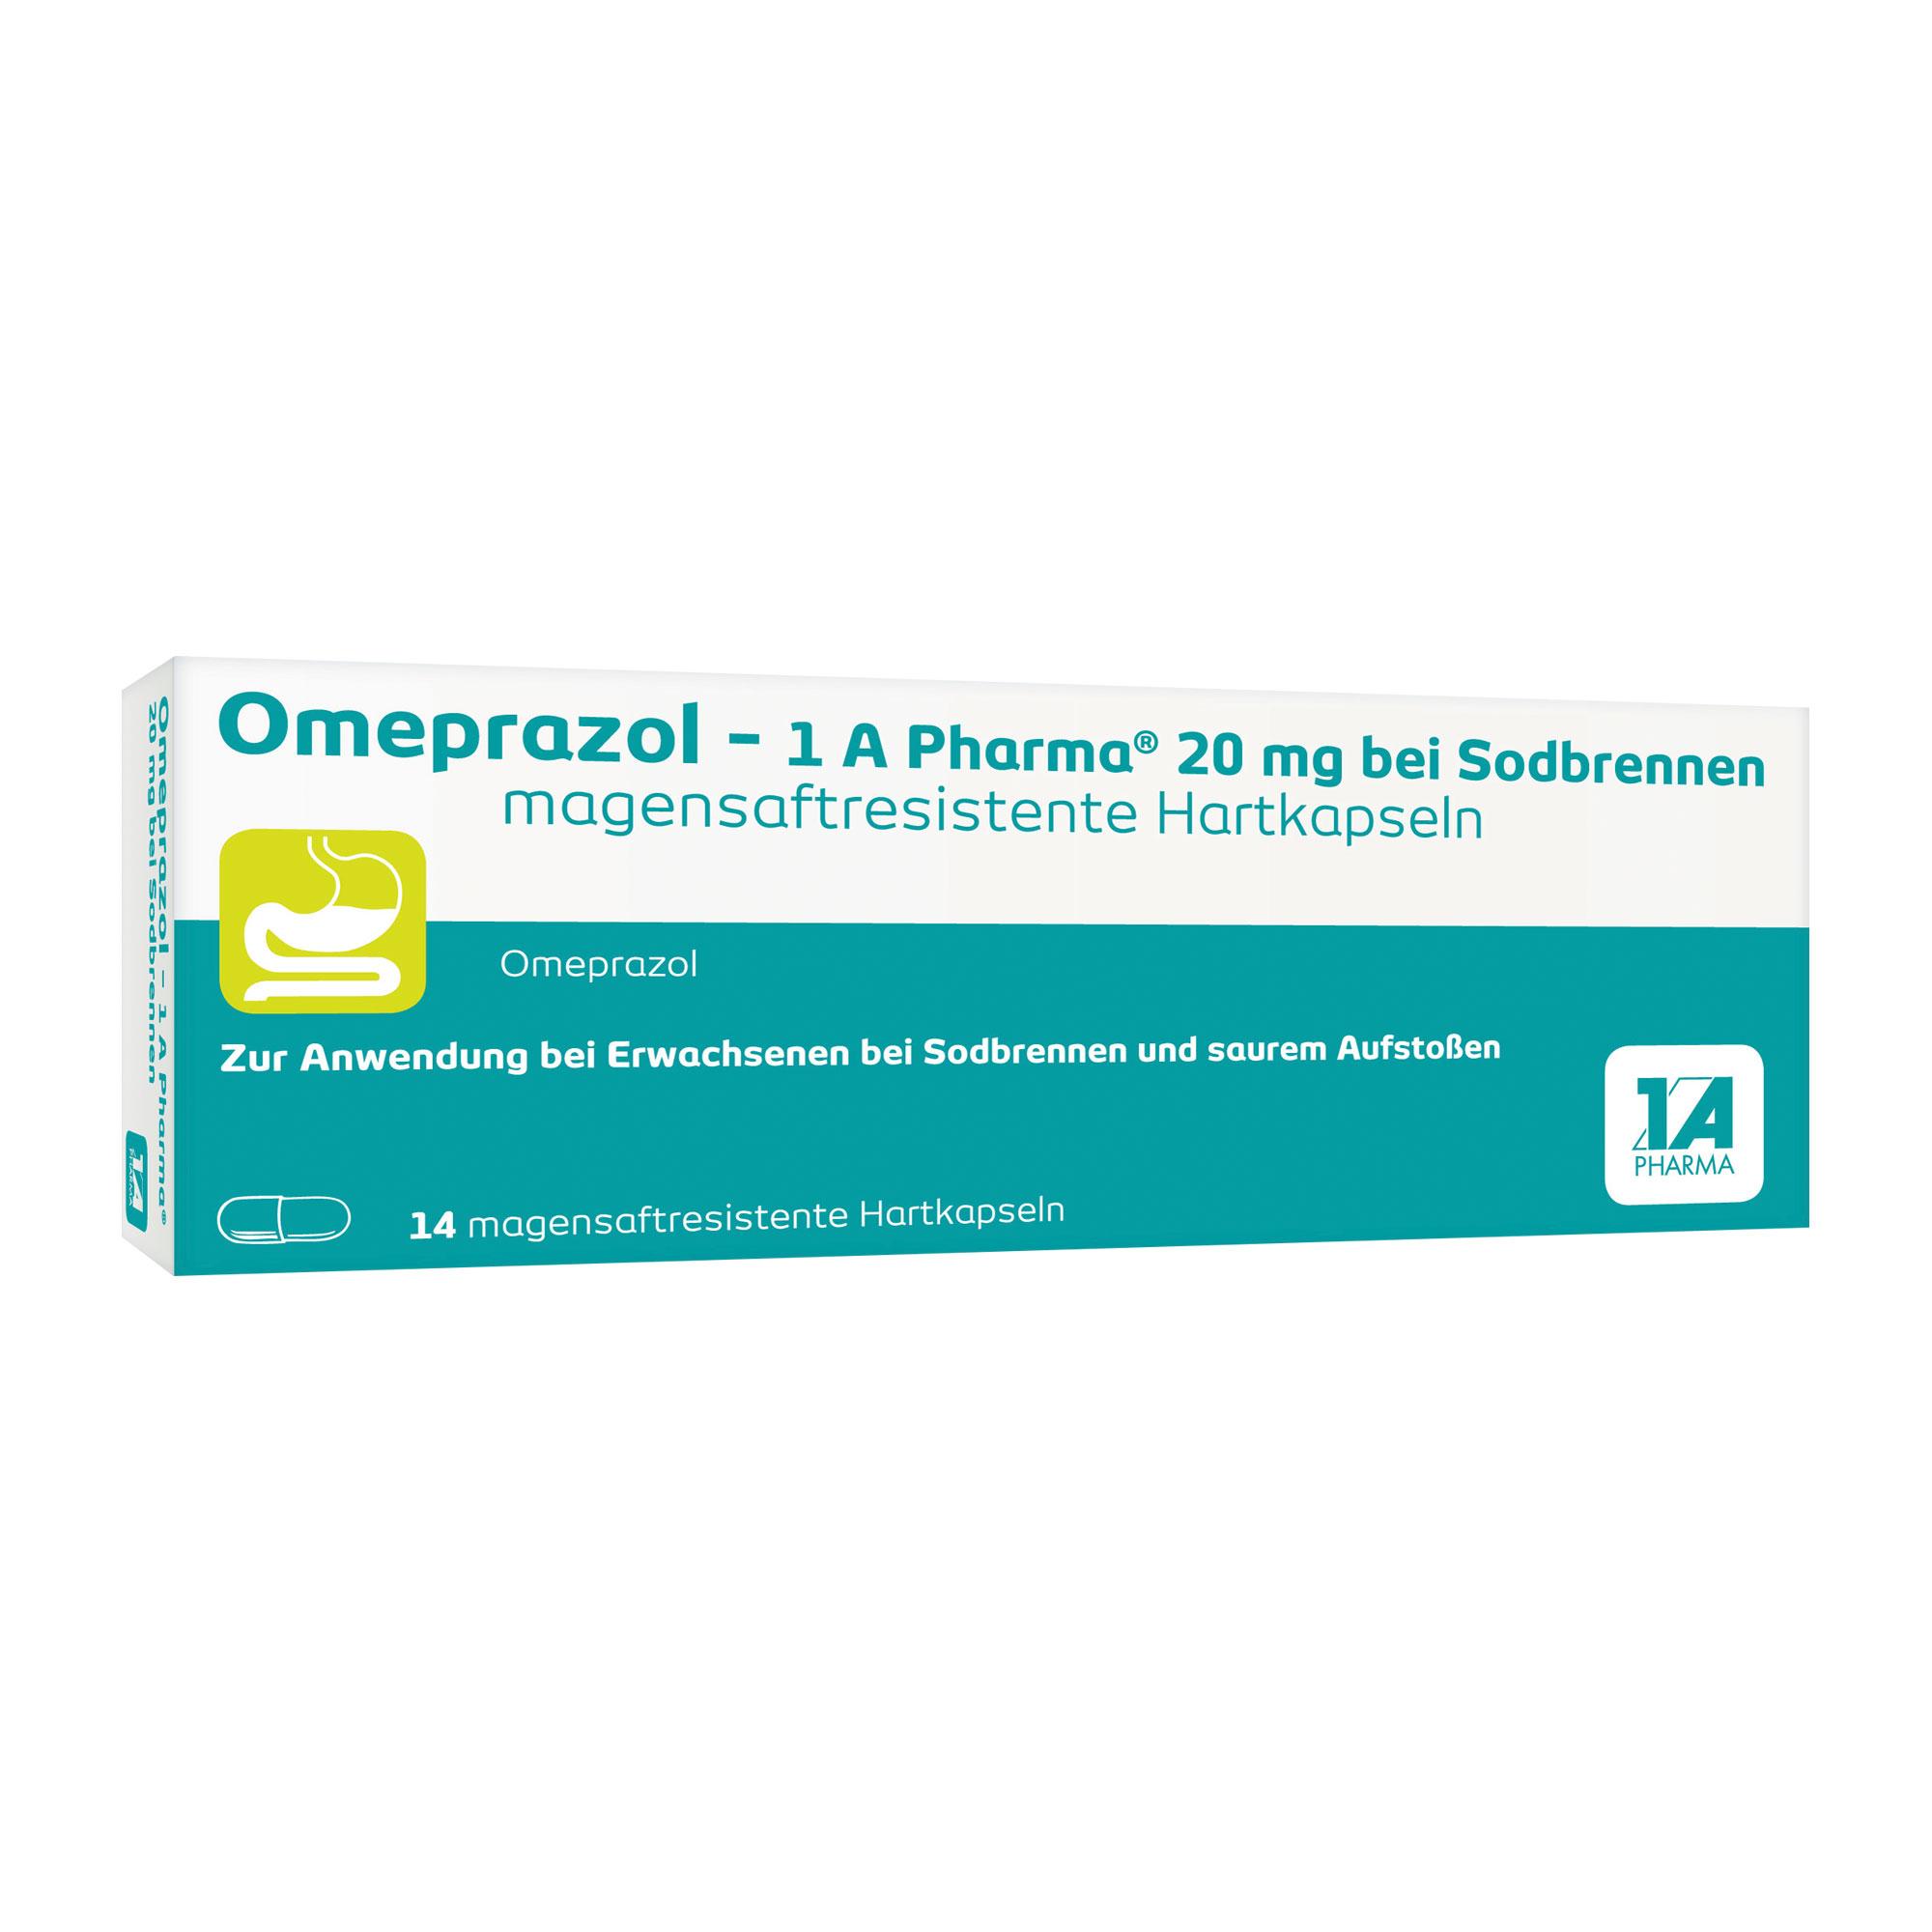 Omeprazol 1A Pharma 20 mg bei Sodbrennen Msr.kaps.